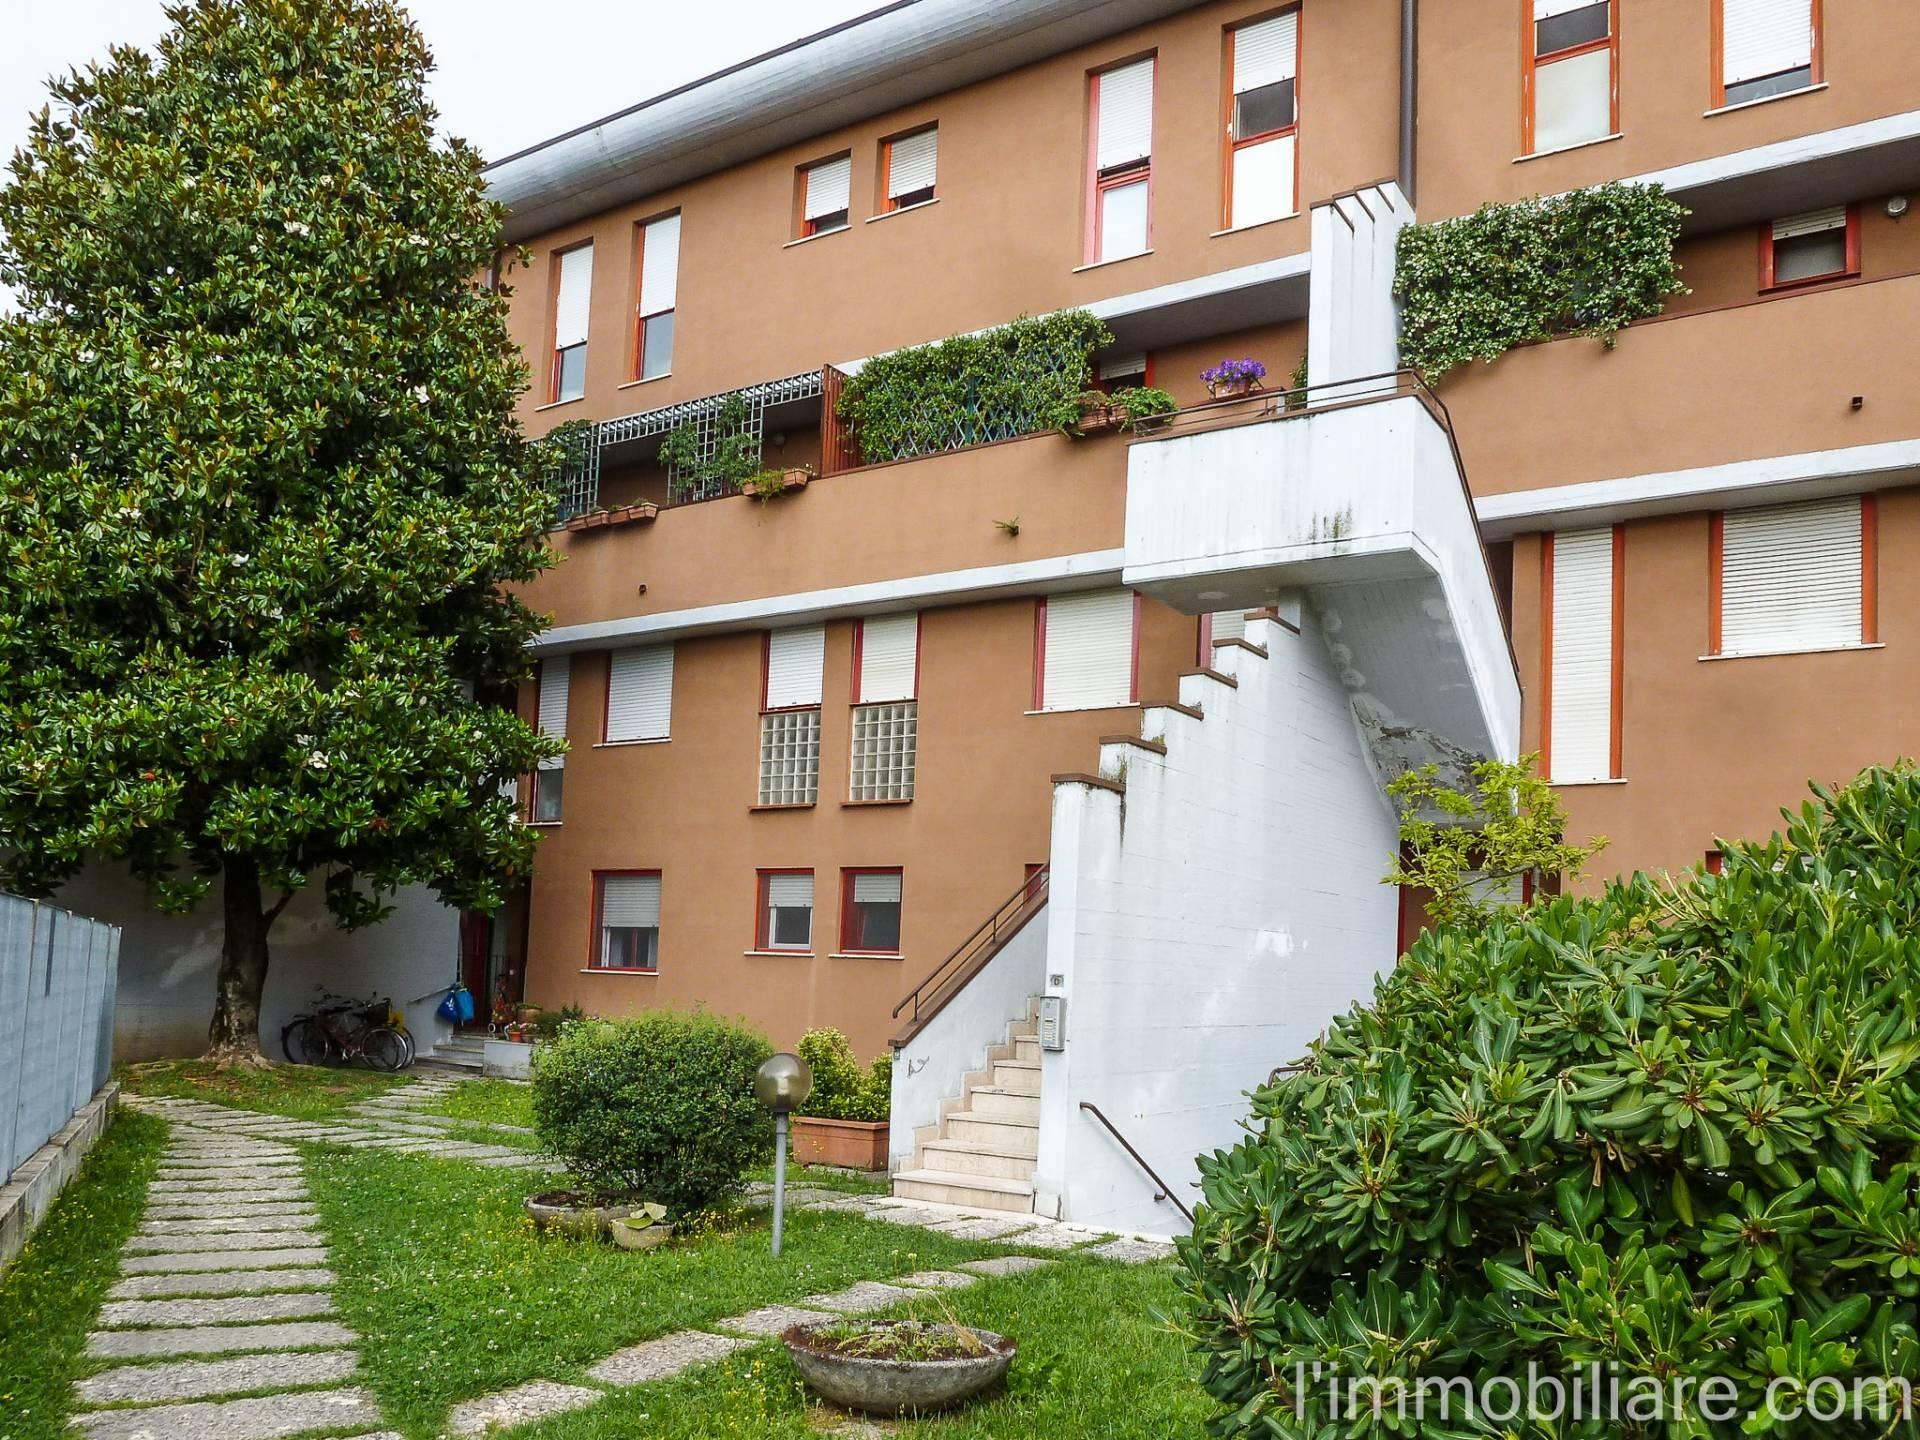 Appartamento in affitto a Verona, 4 locali, zona Località: Saval, prezzo € 600   CambioCasa.it